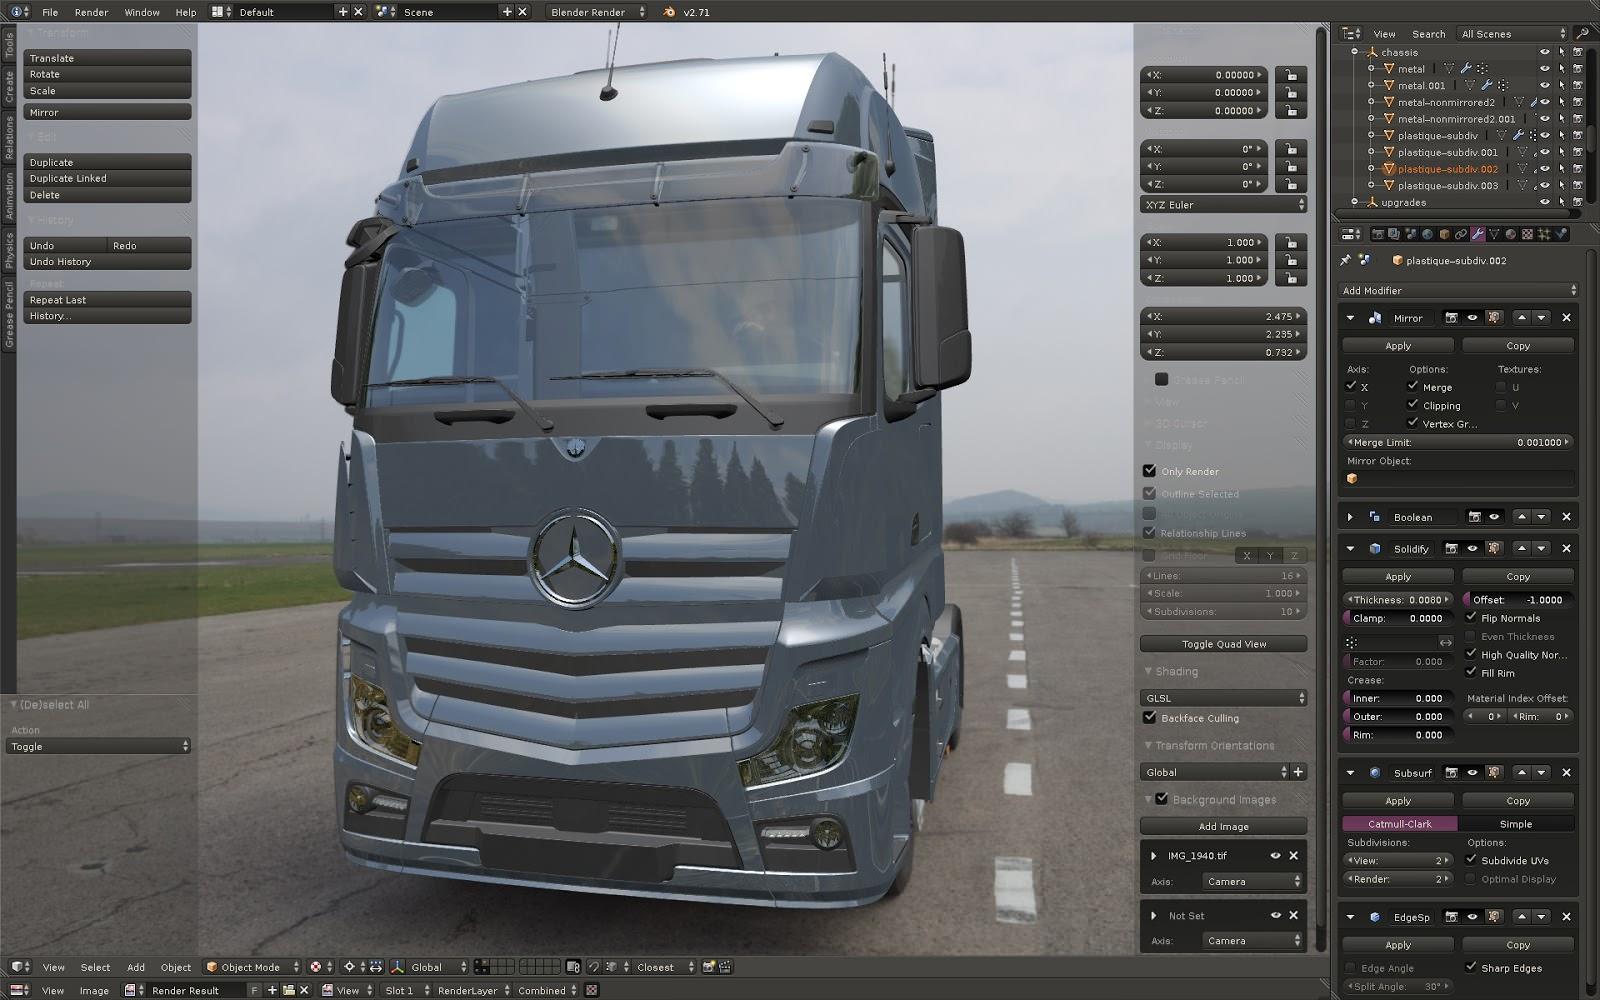 Грузовик Mercedes-Benz New Actros, над чем сейчас трудятся разработчики ETS 2